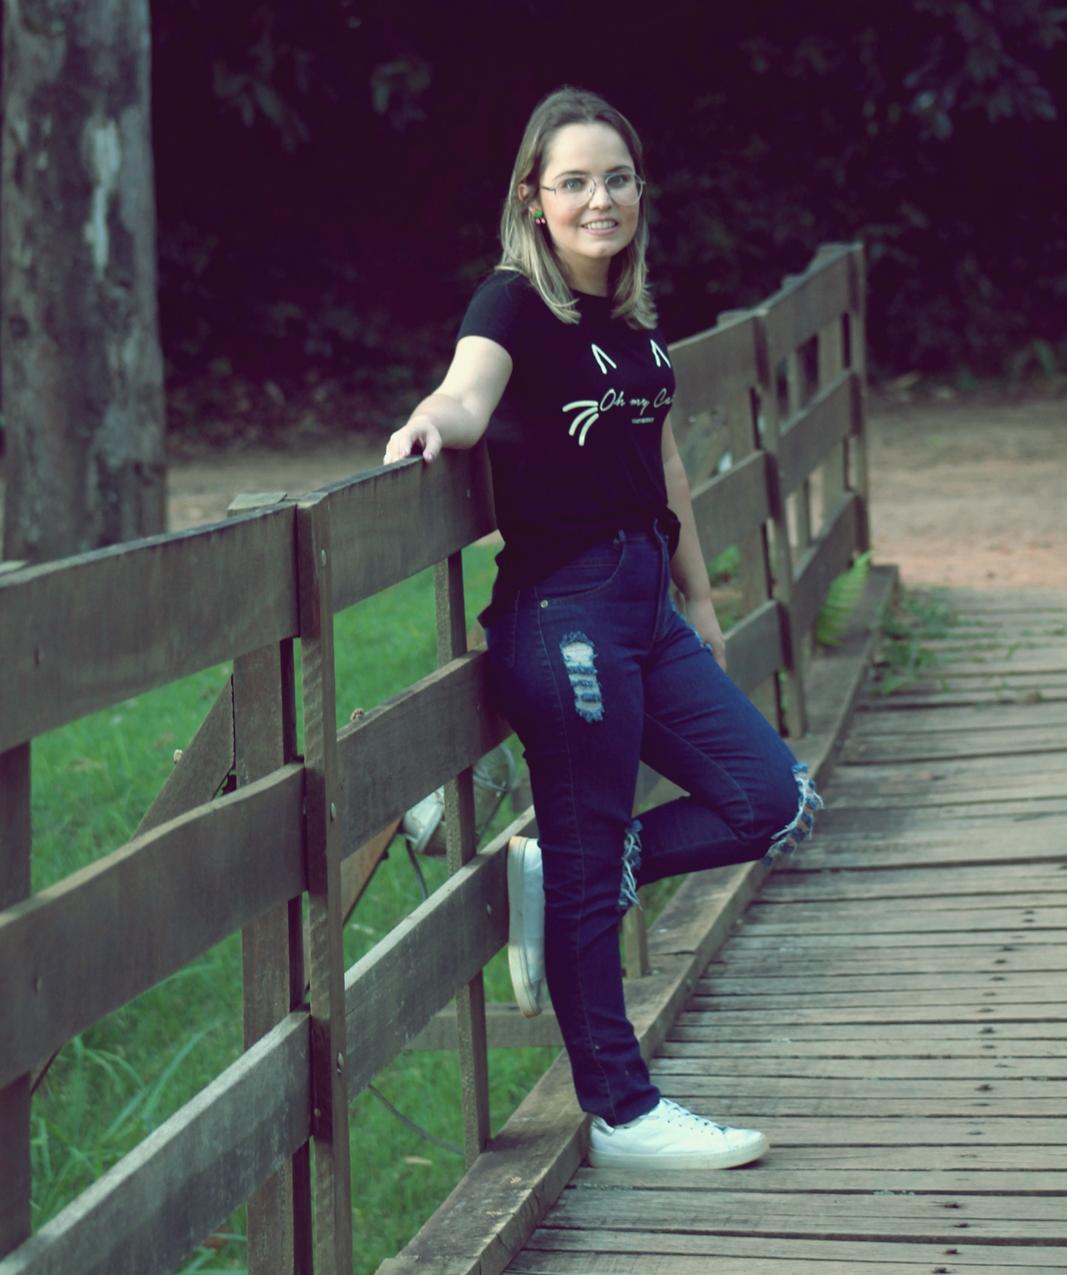 jeans com camiseta divertida